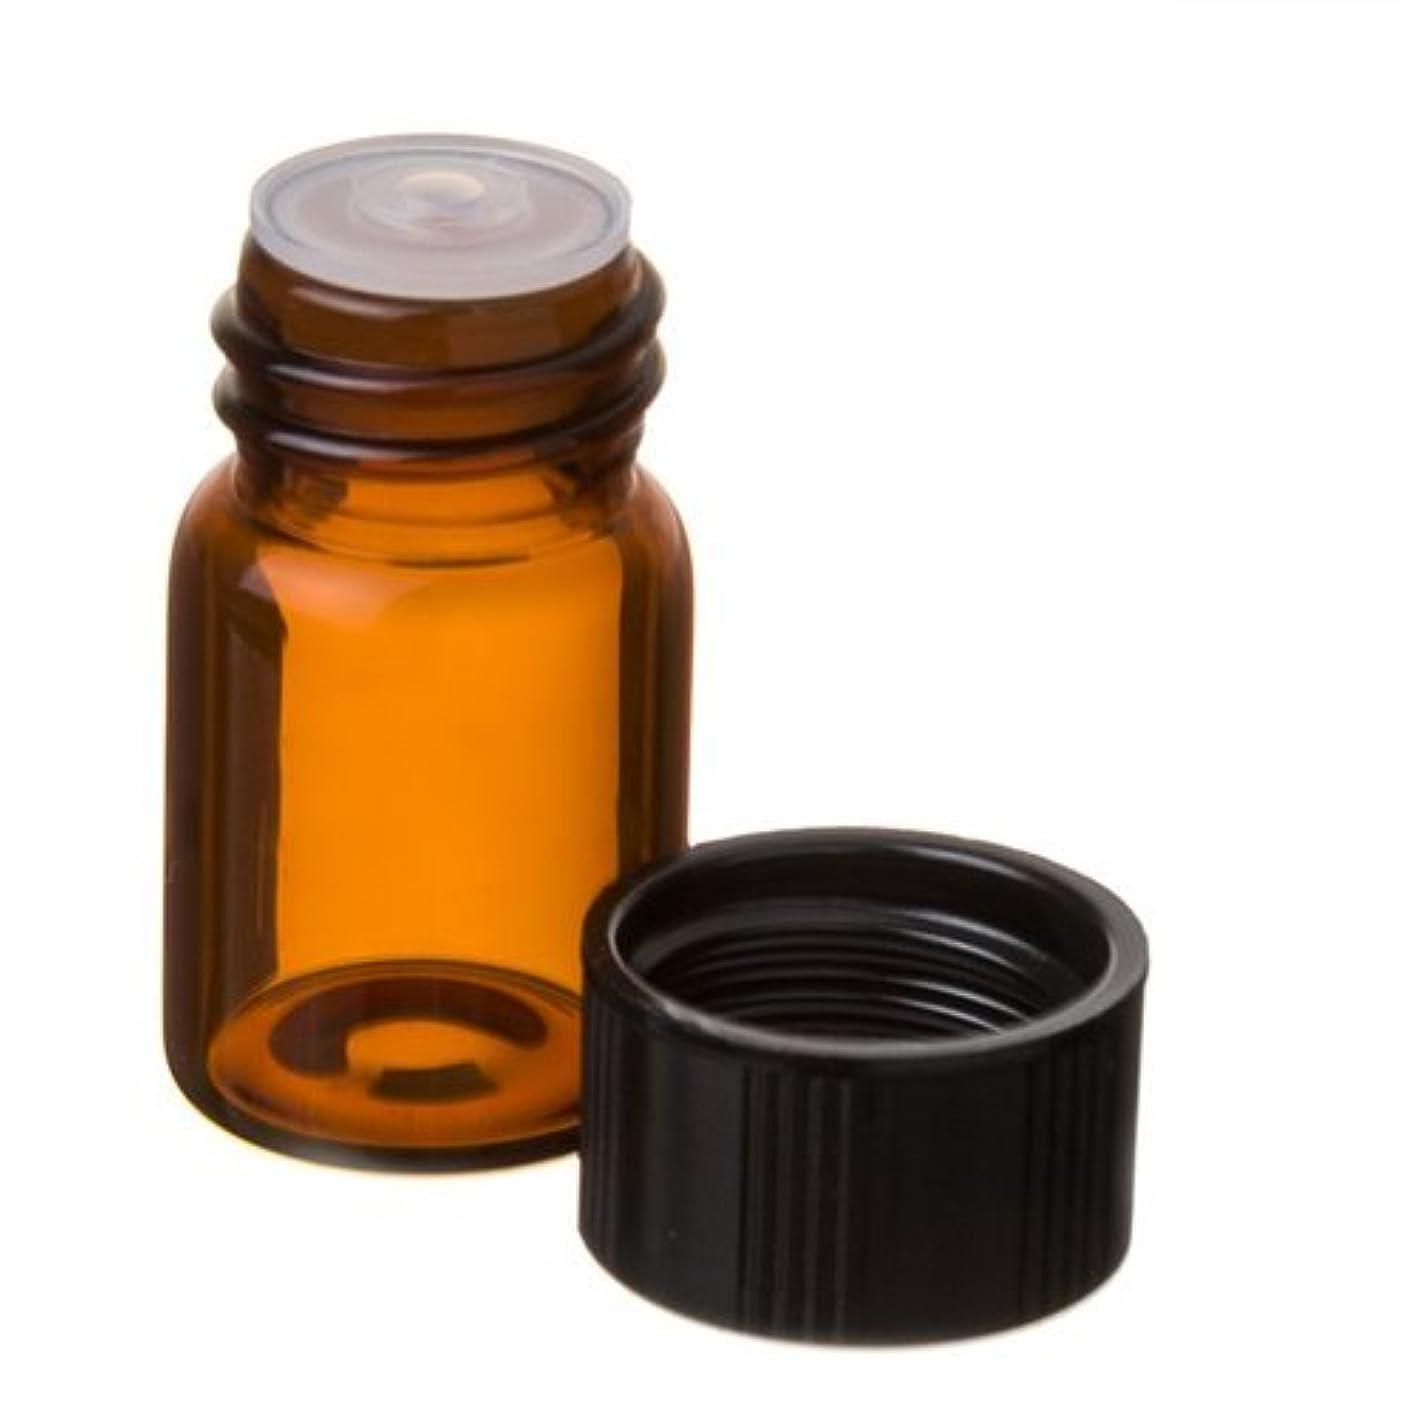 ぶら下がるファックスアクチュエータ5/8 Dram AMBER Glass Vial with Dropper Top for Essential Oils - Screw Cap w/Orifice Reducer - Pack of 12 Bulk...